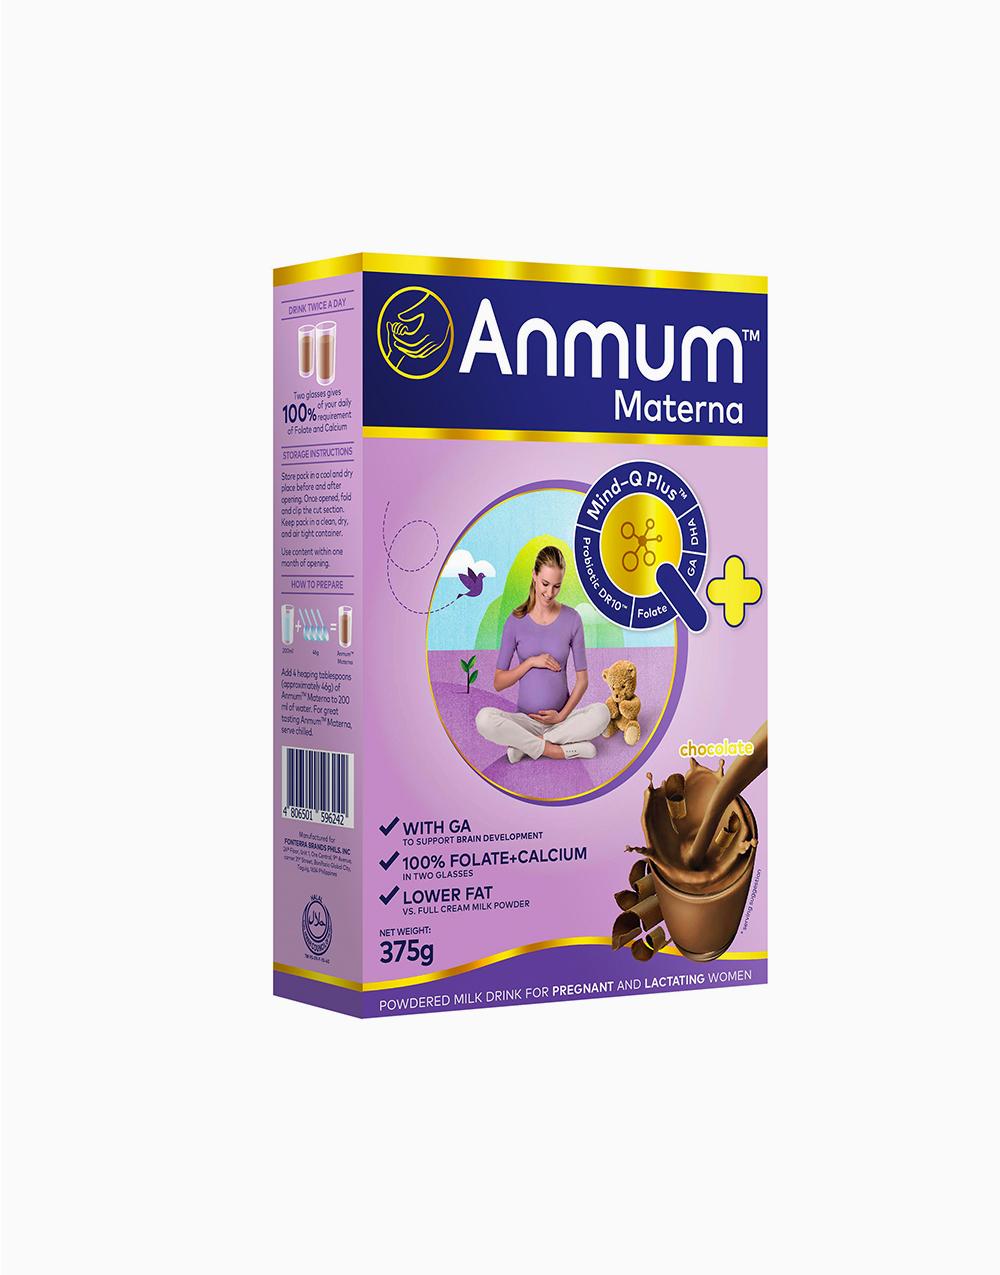 Anmum Materna Chocolate (375g) by Anmum